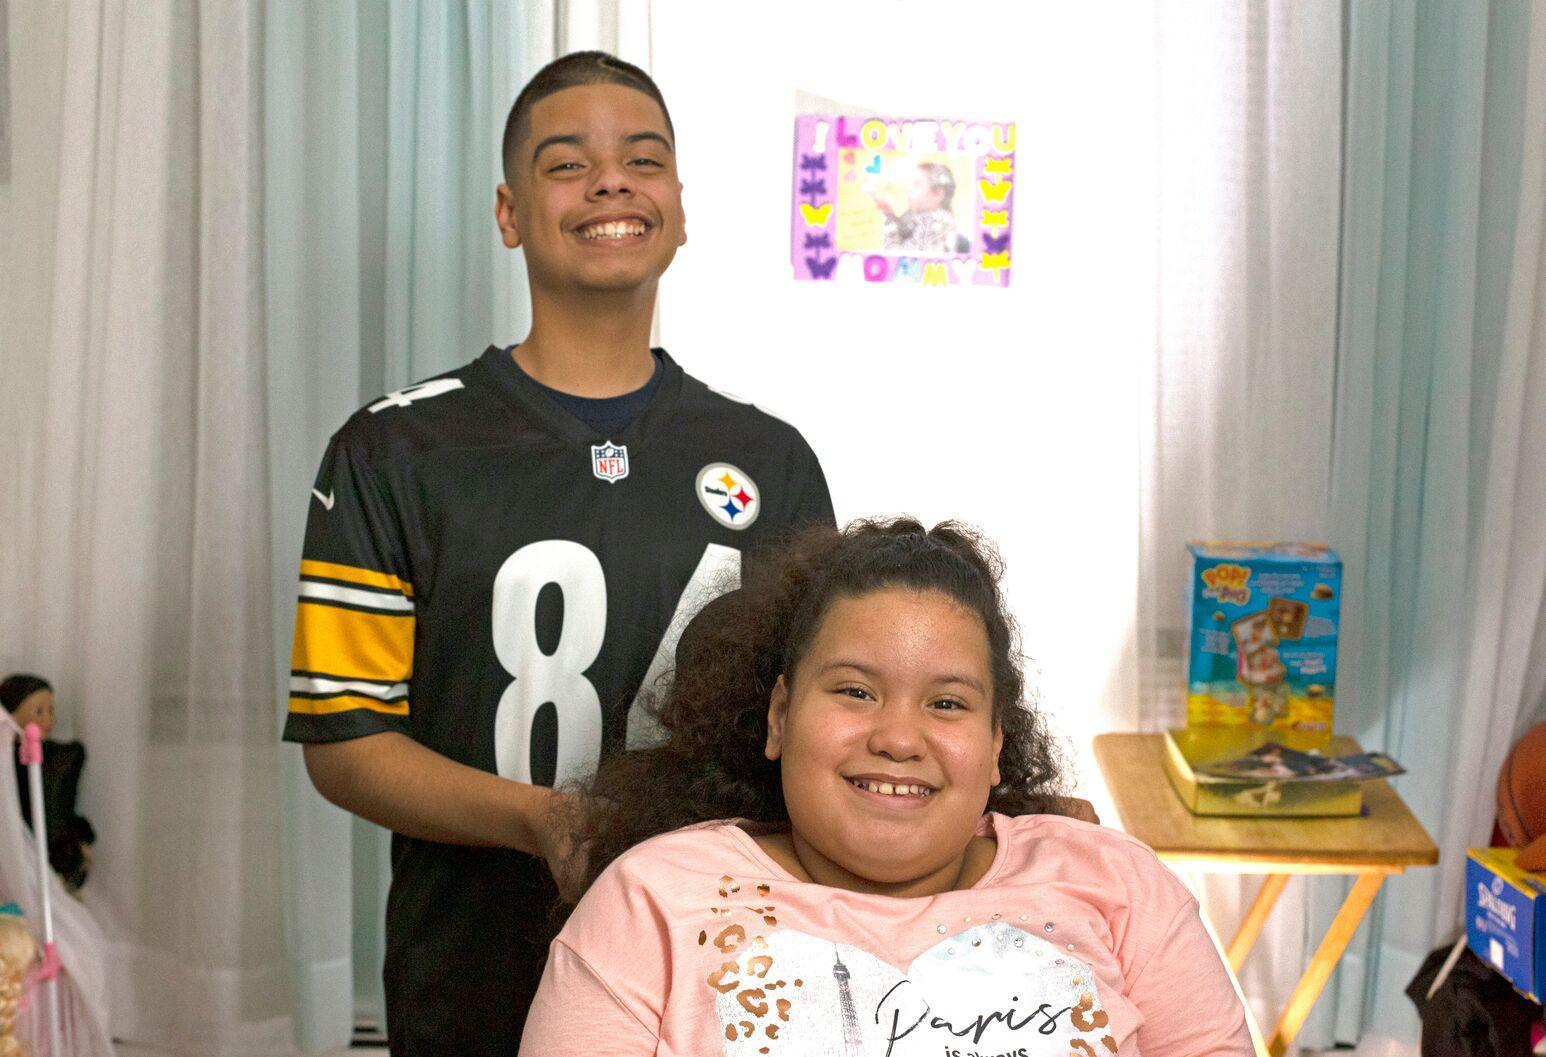 Paul and Adryana Navarro